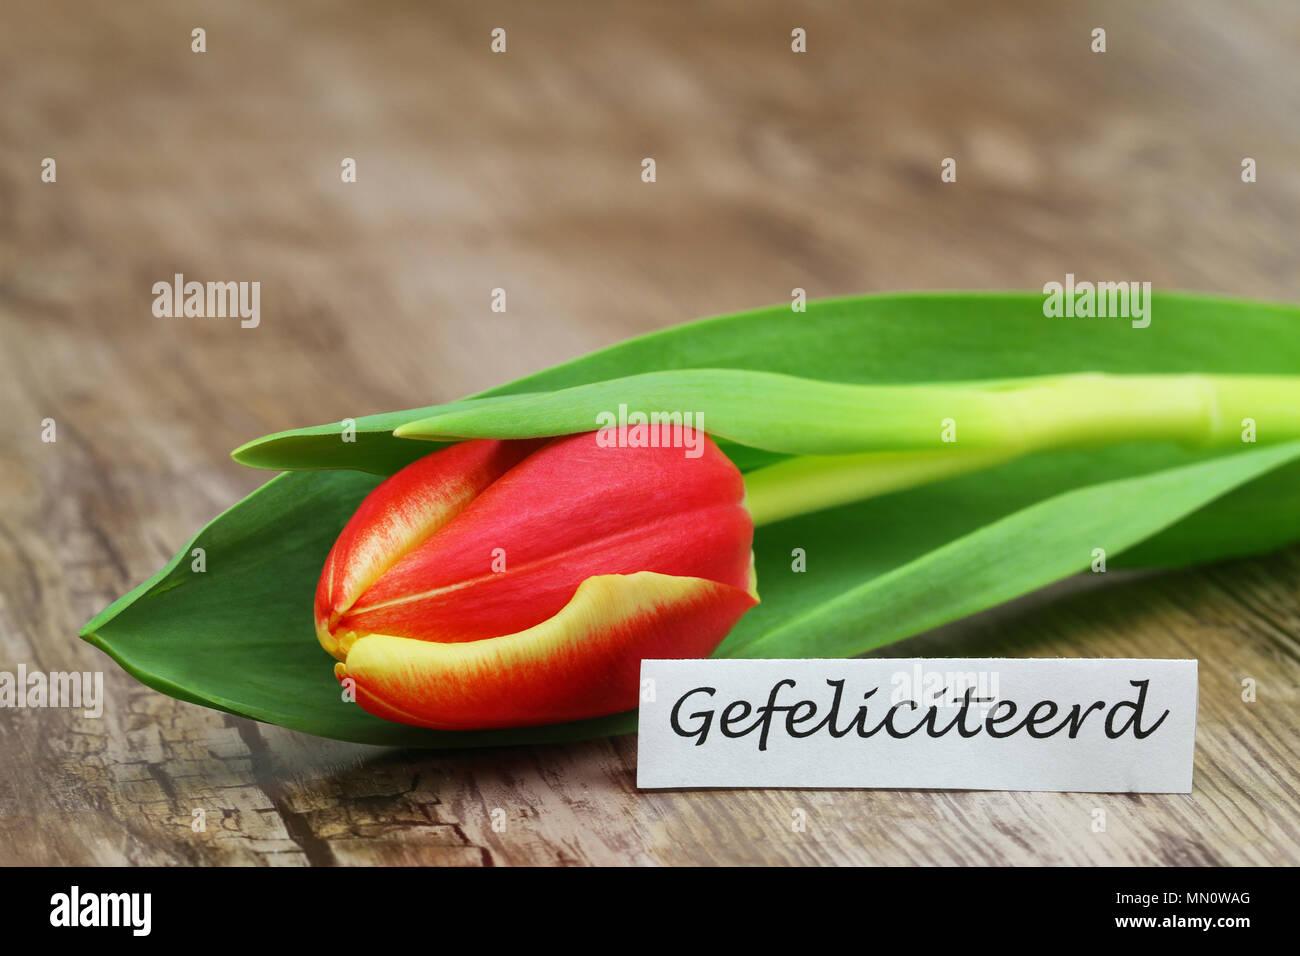 Gluckwunsche geburt niederlandisch